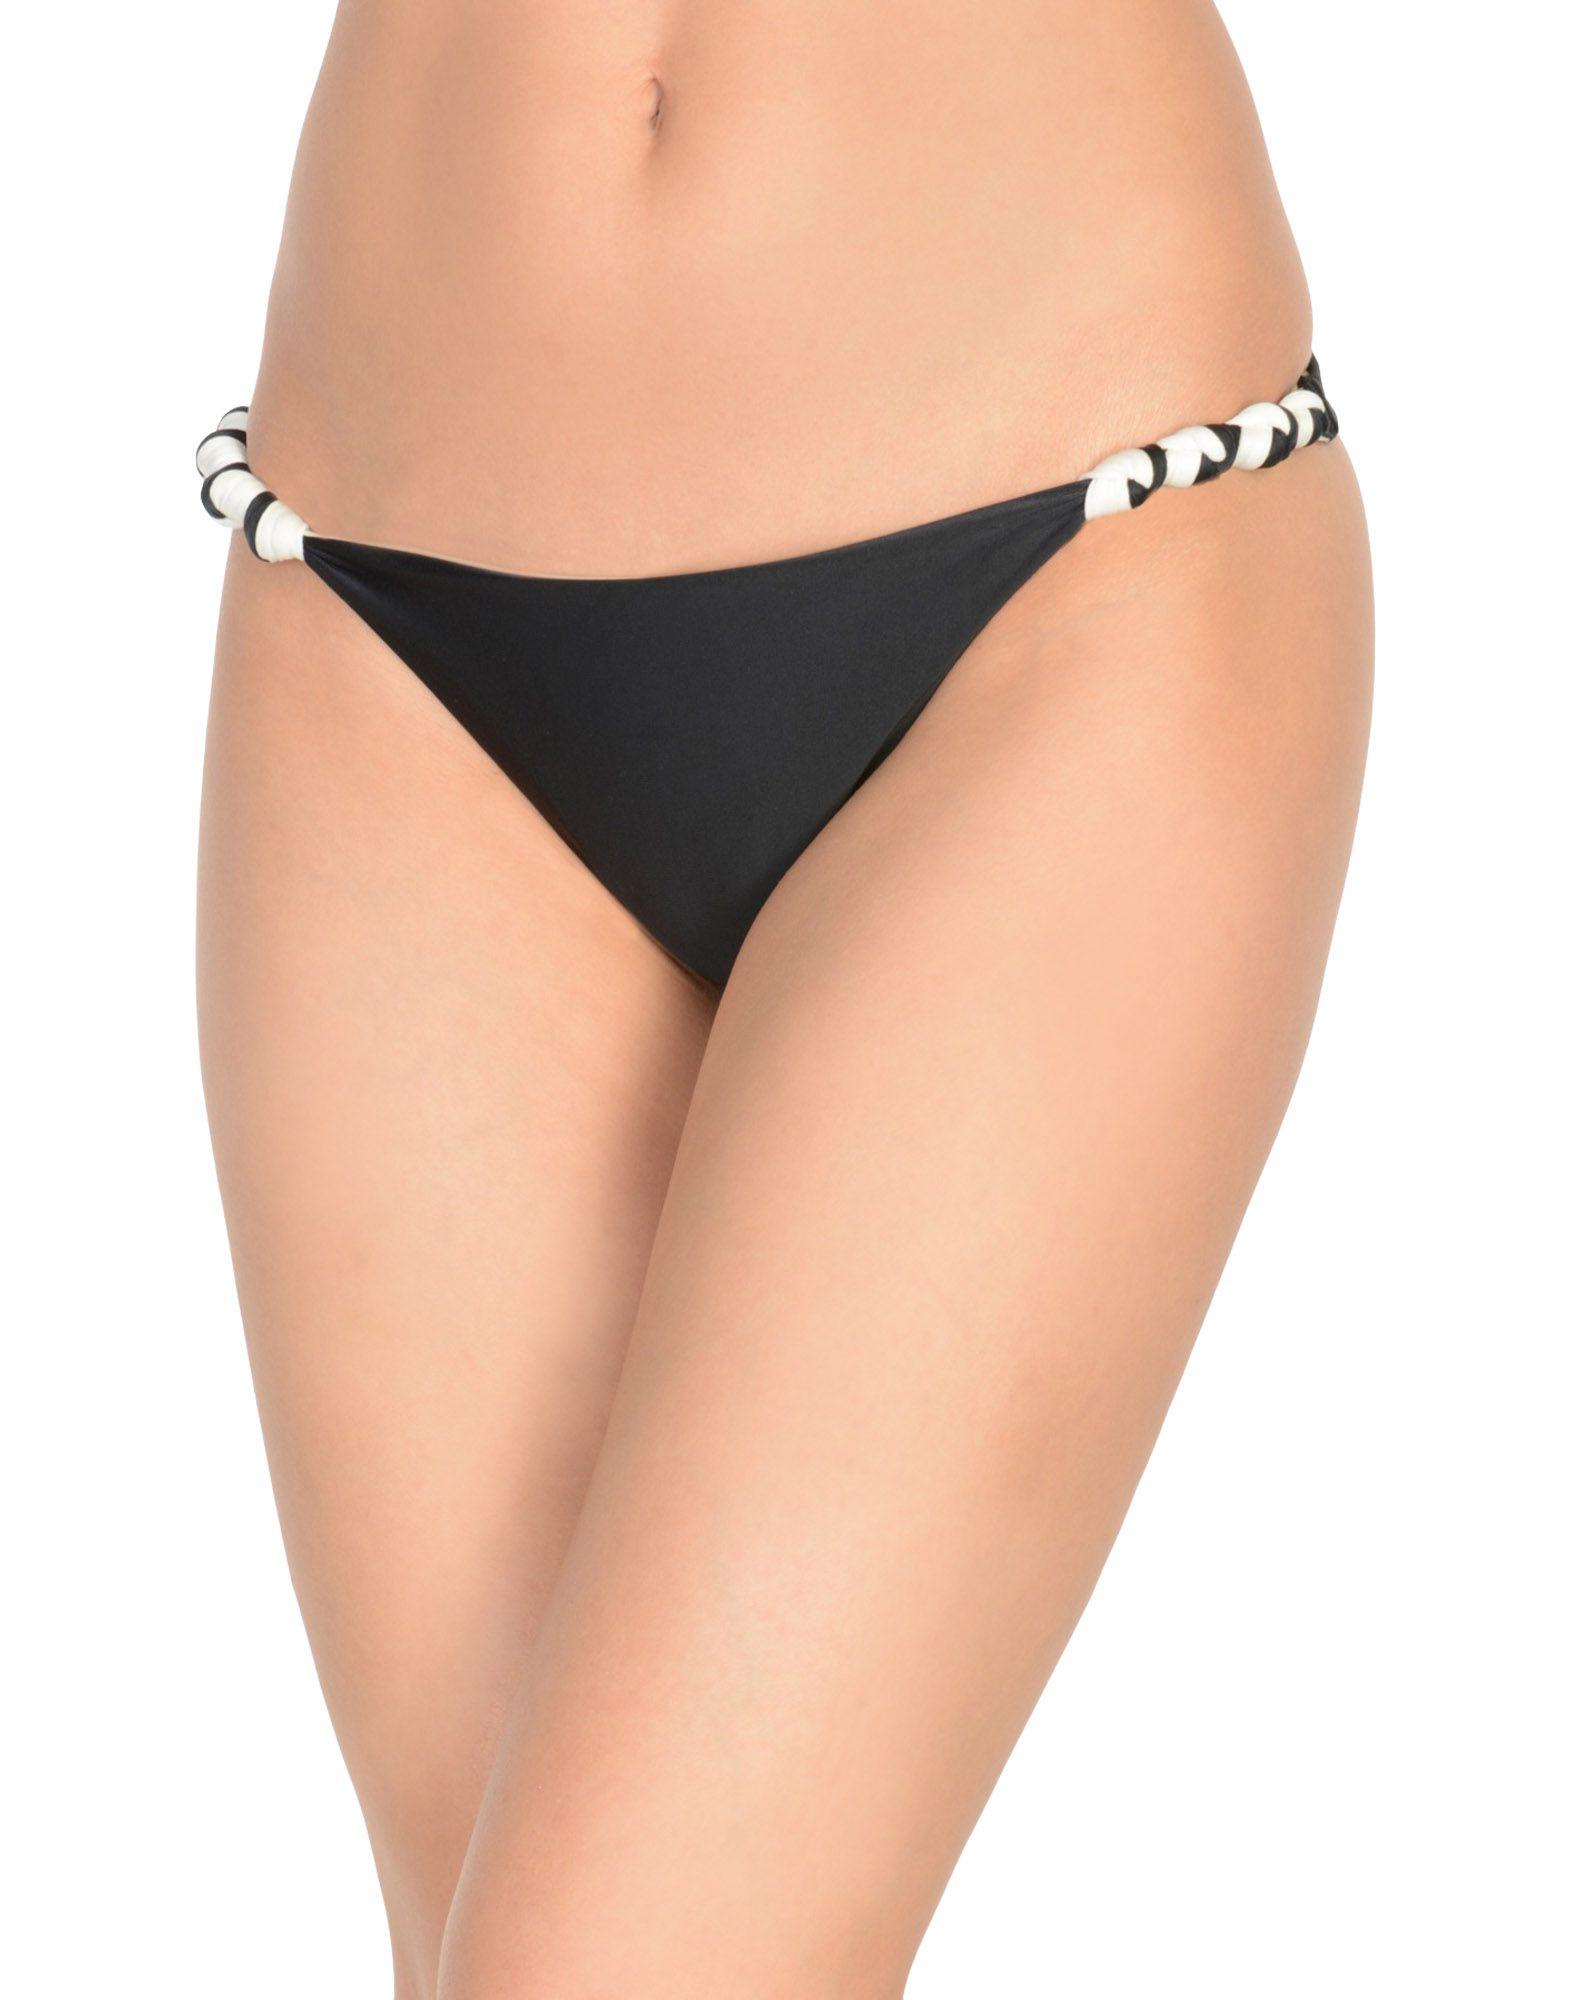 V I X PAULA HERMANNY Bikini in Black